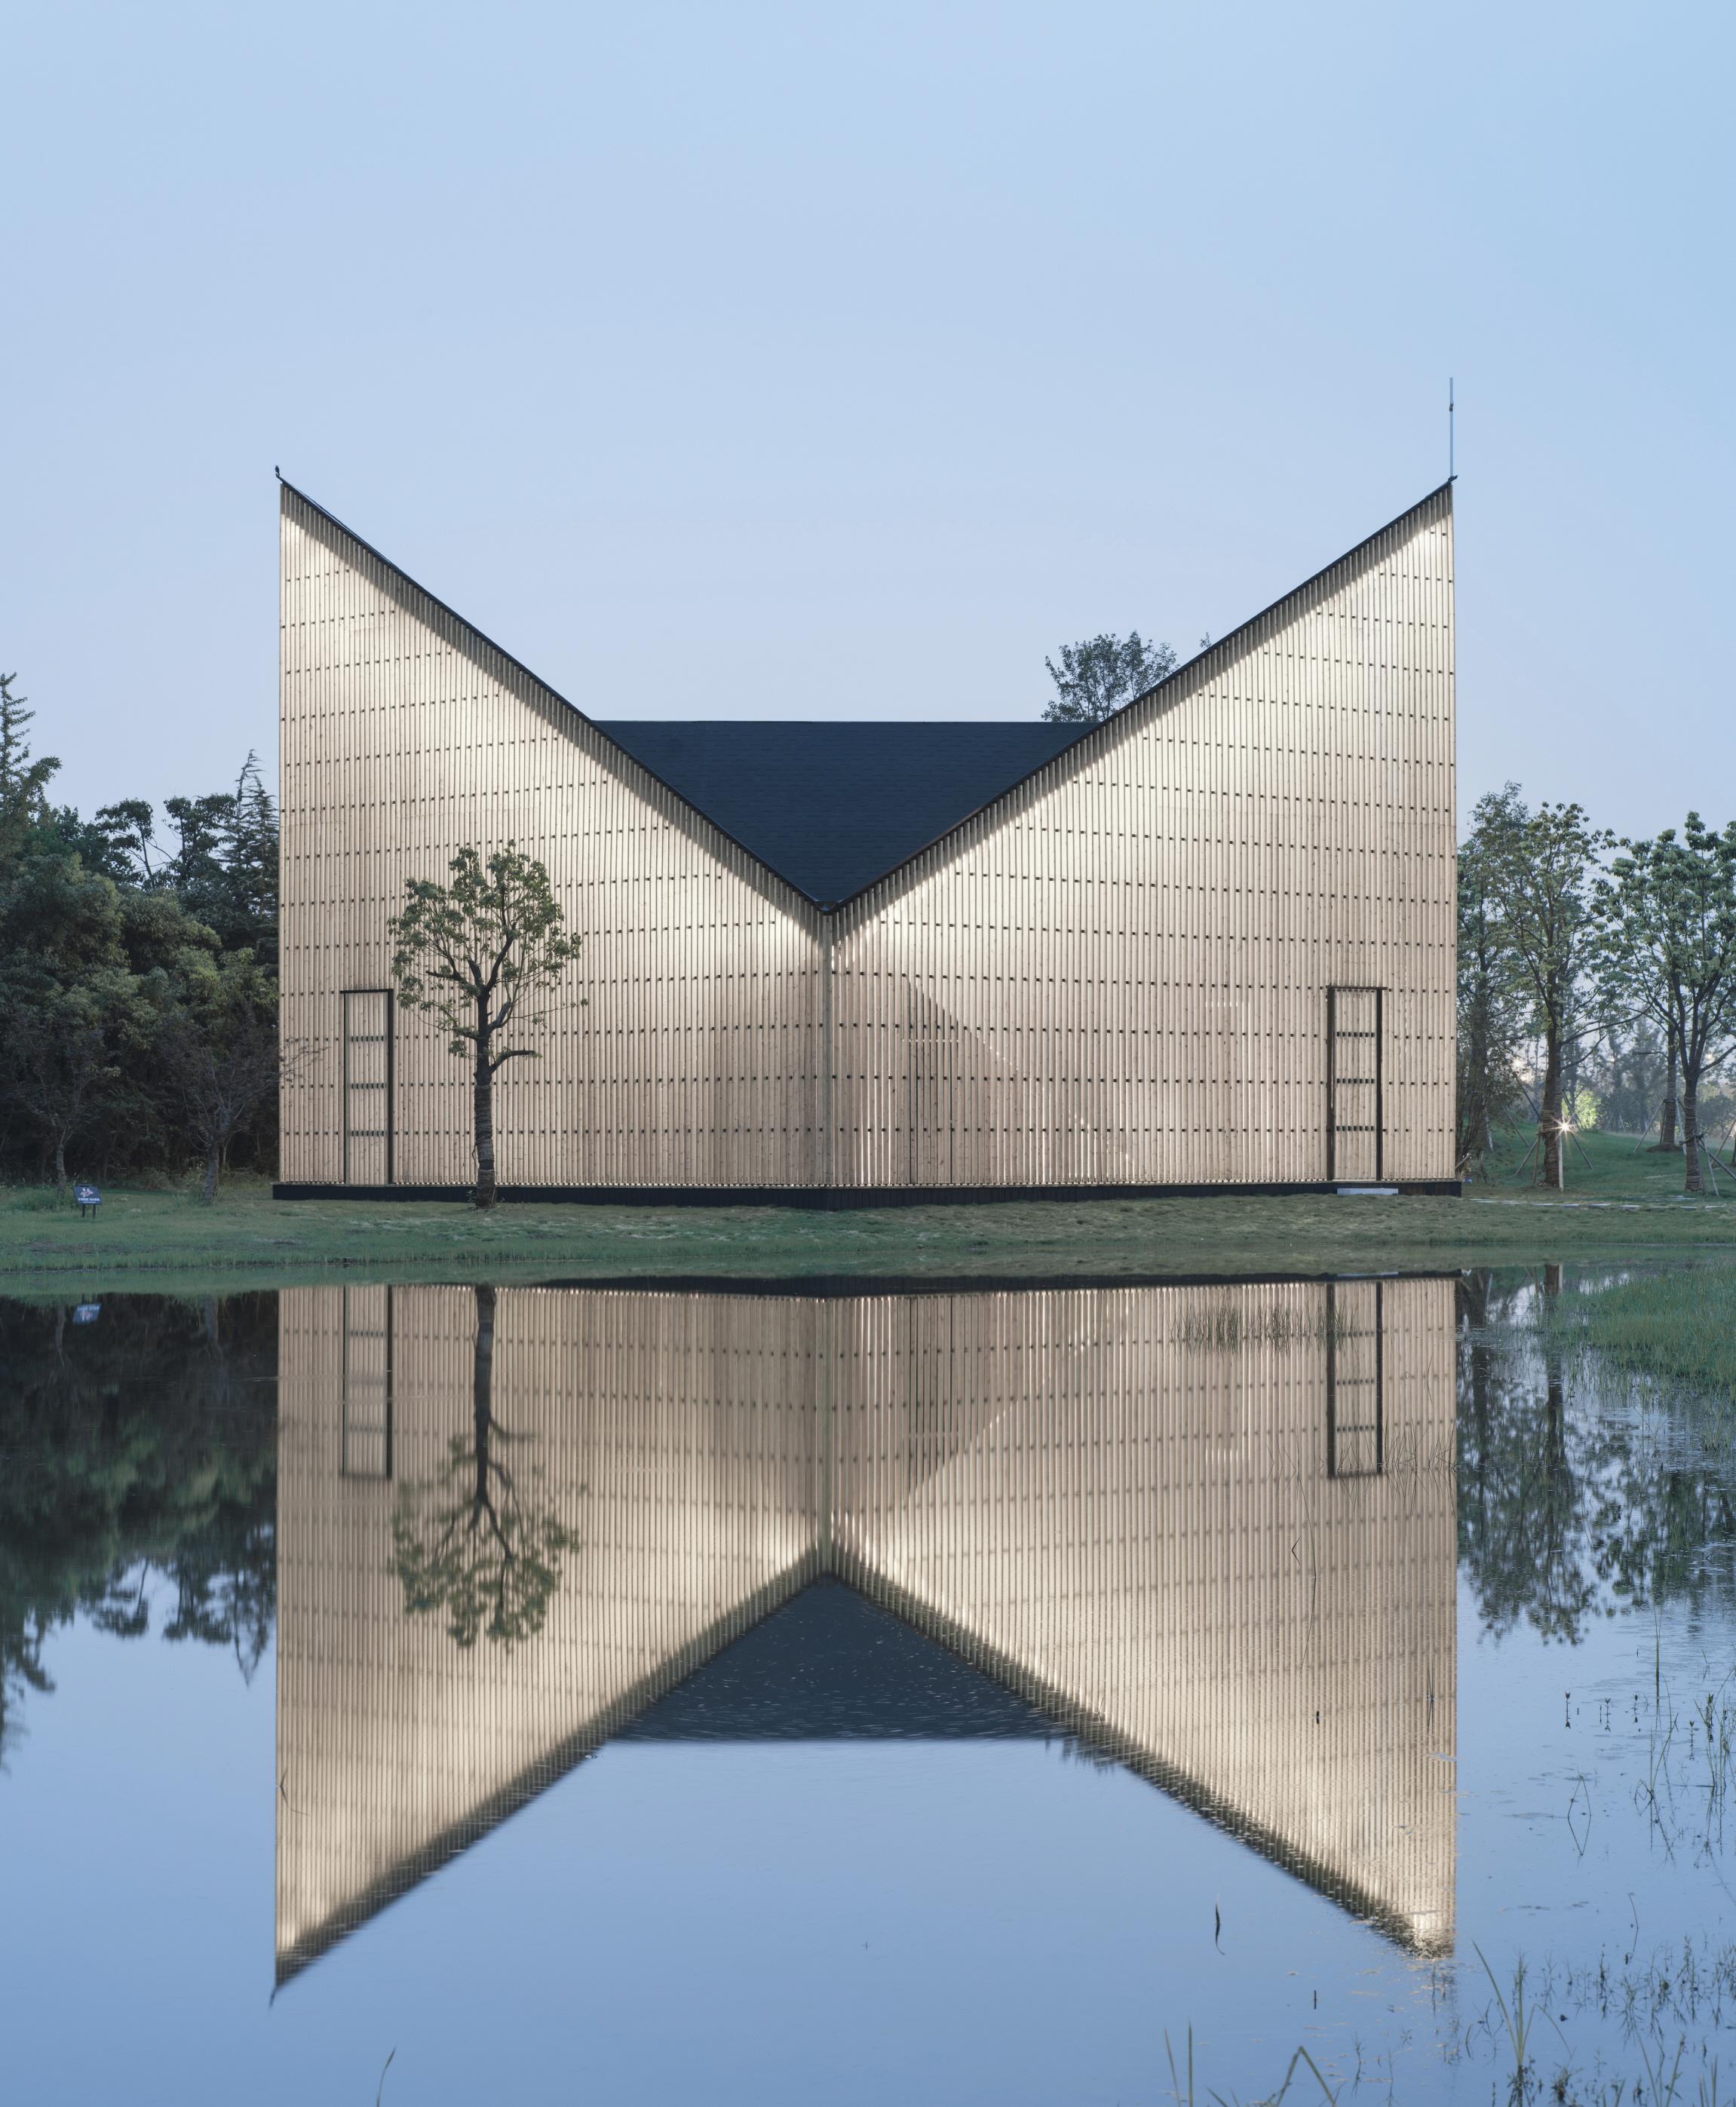 〔안정원의 건축 칼럼〕 이중 외관 구조 시스템으로 구현된 빛을 머금은 예배당 공간 1